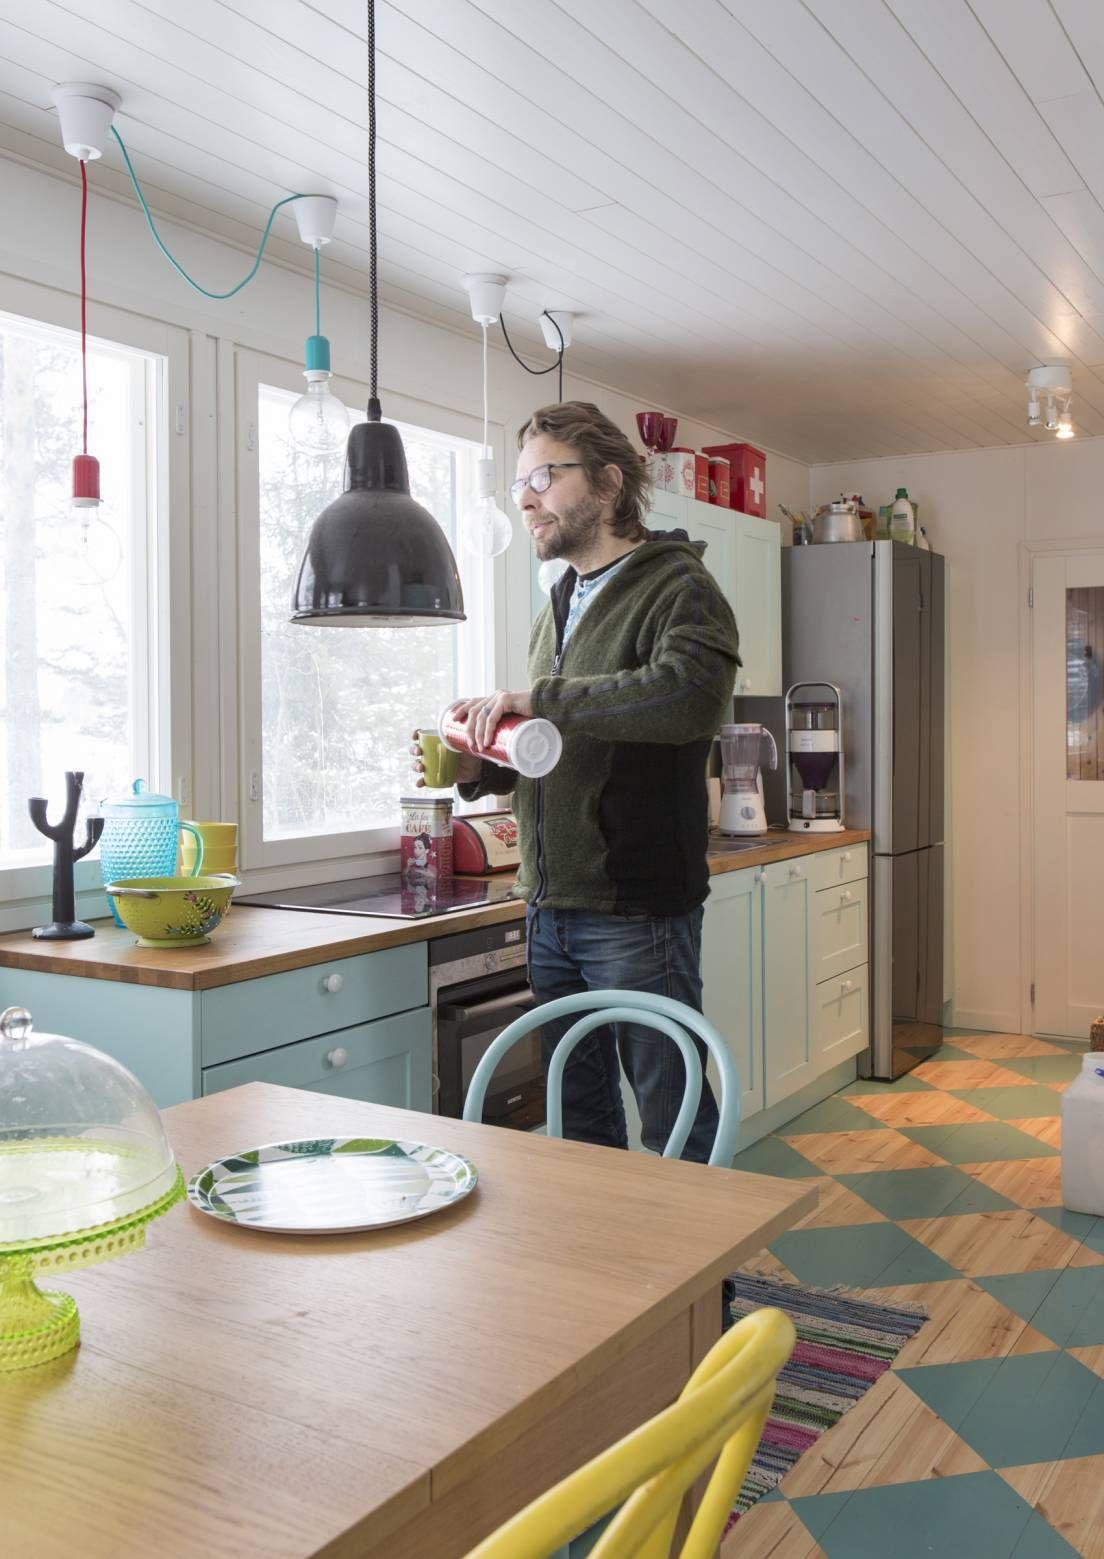 Luonnonläheistä mökkielämää – stand up -koomikko Ilari Johansson rentoutuu omalla pikku saarellaan Heinolassa   Meillä kotona